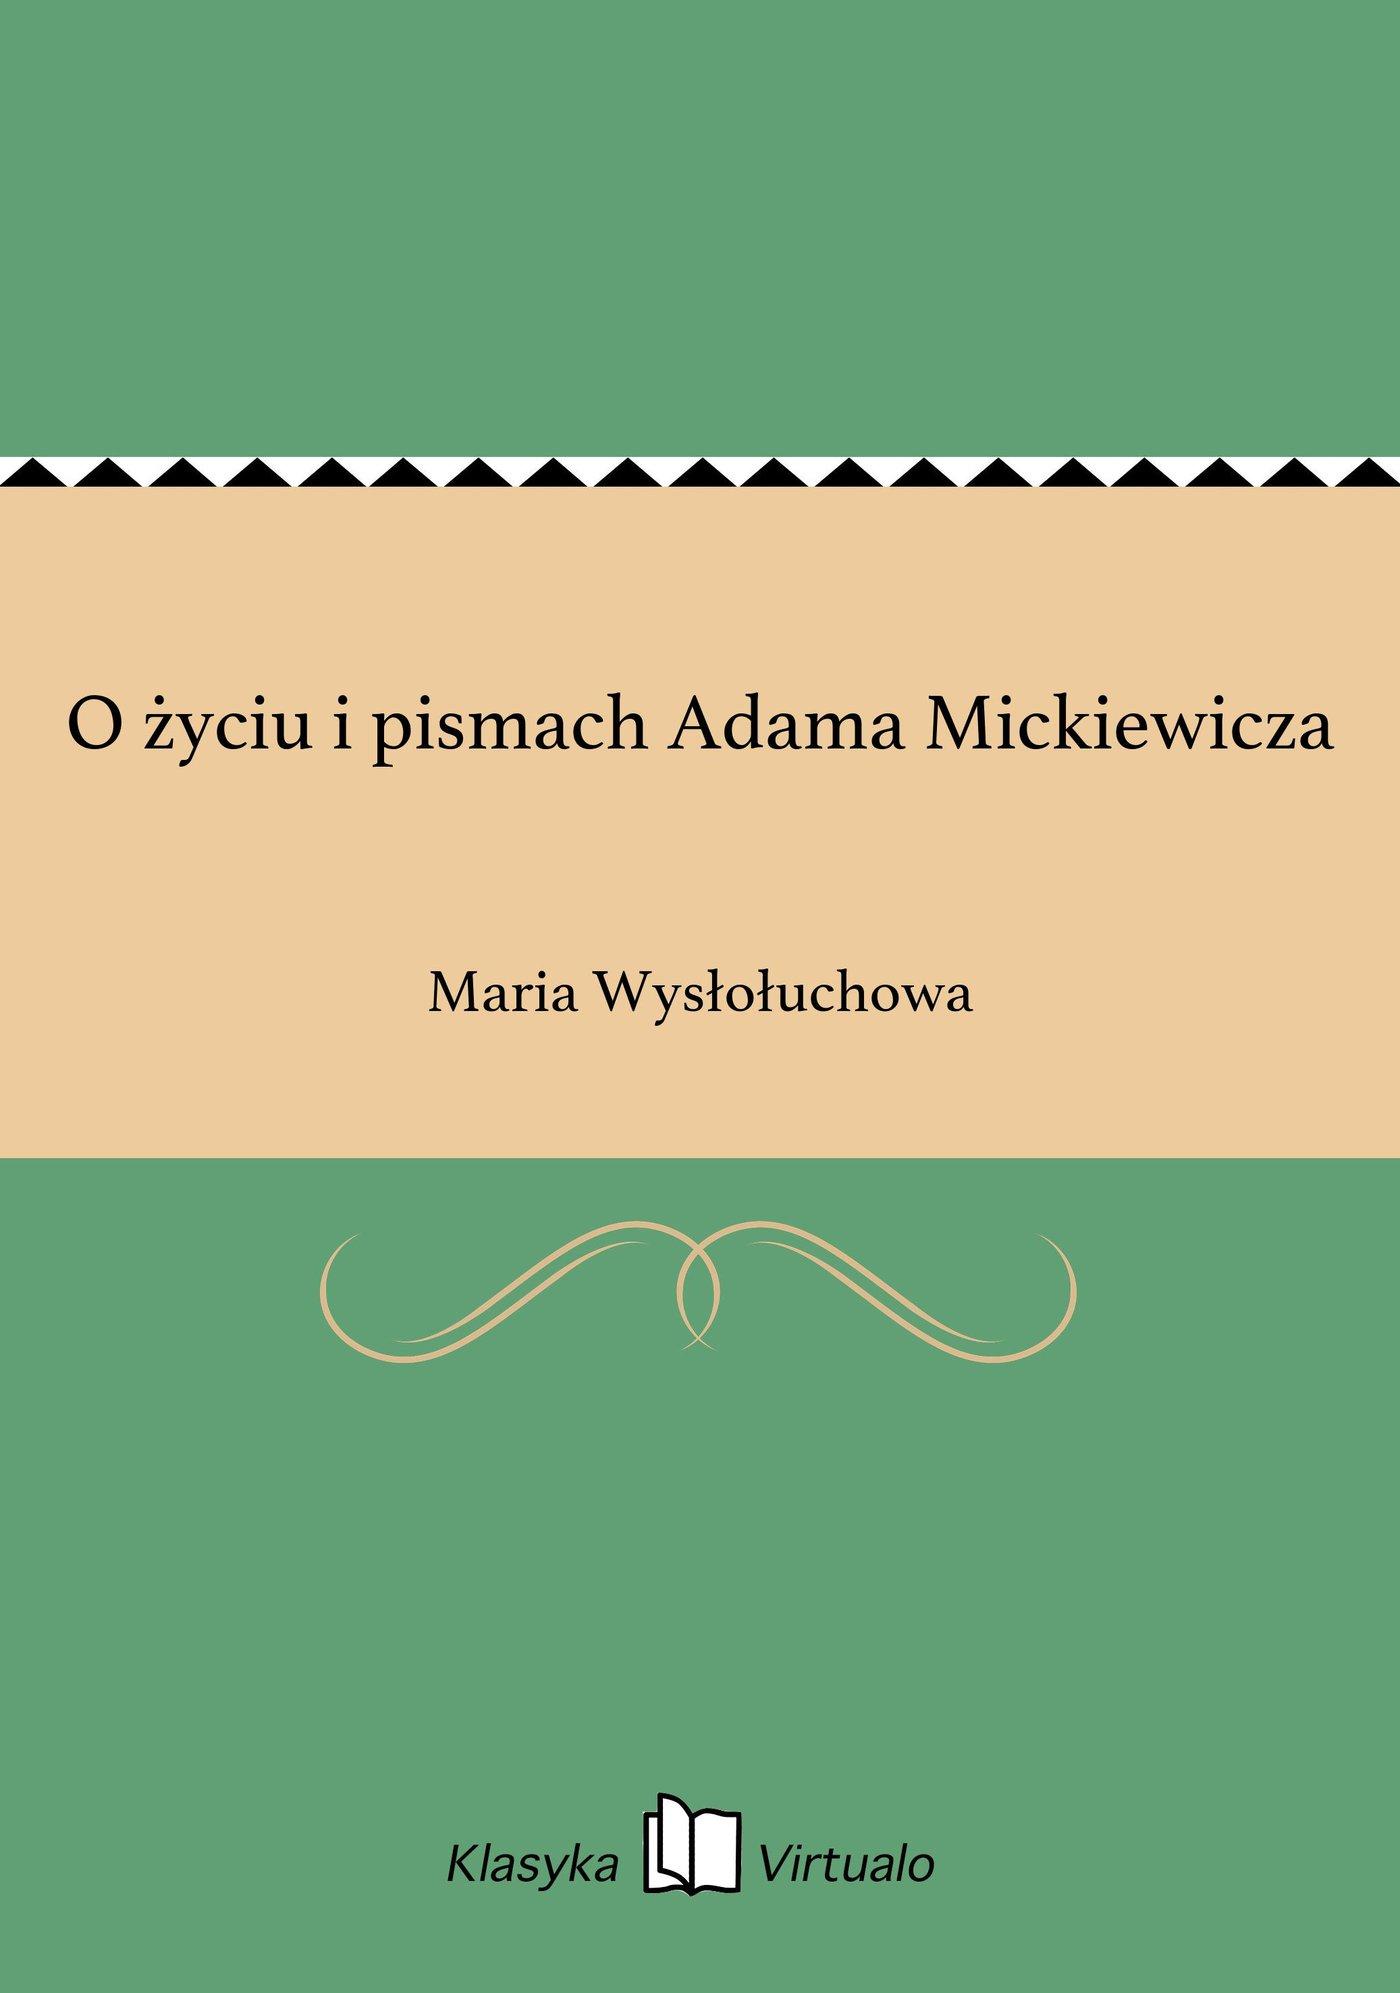 O życiu i pismach Adama Mickiewicza - Ebook (Książka EPUB) do pobrania w formacie EPUB